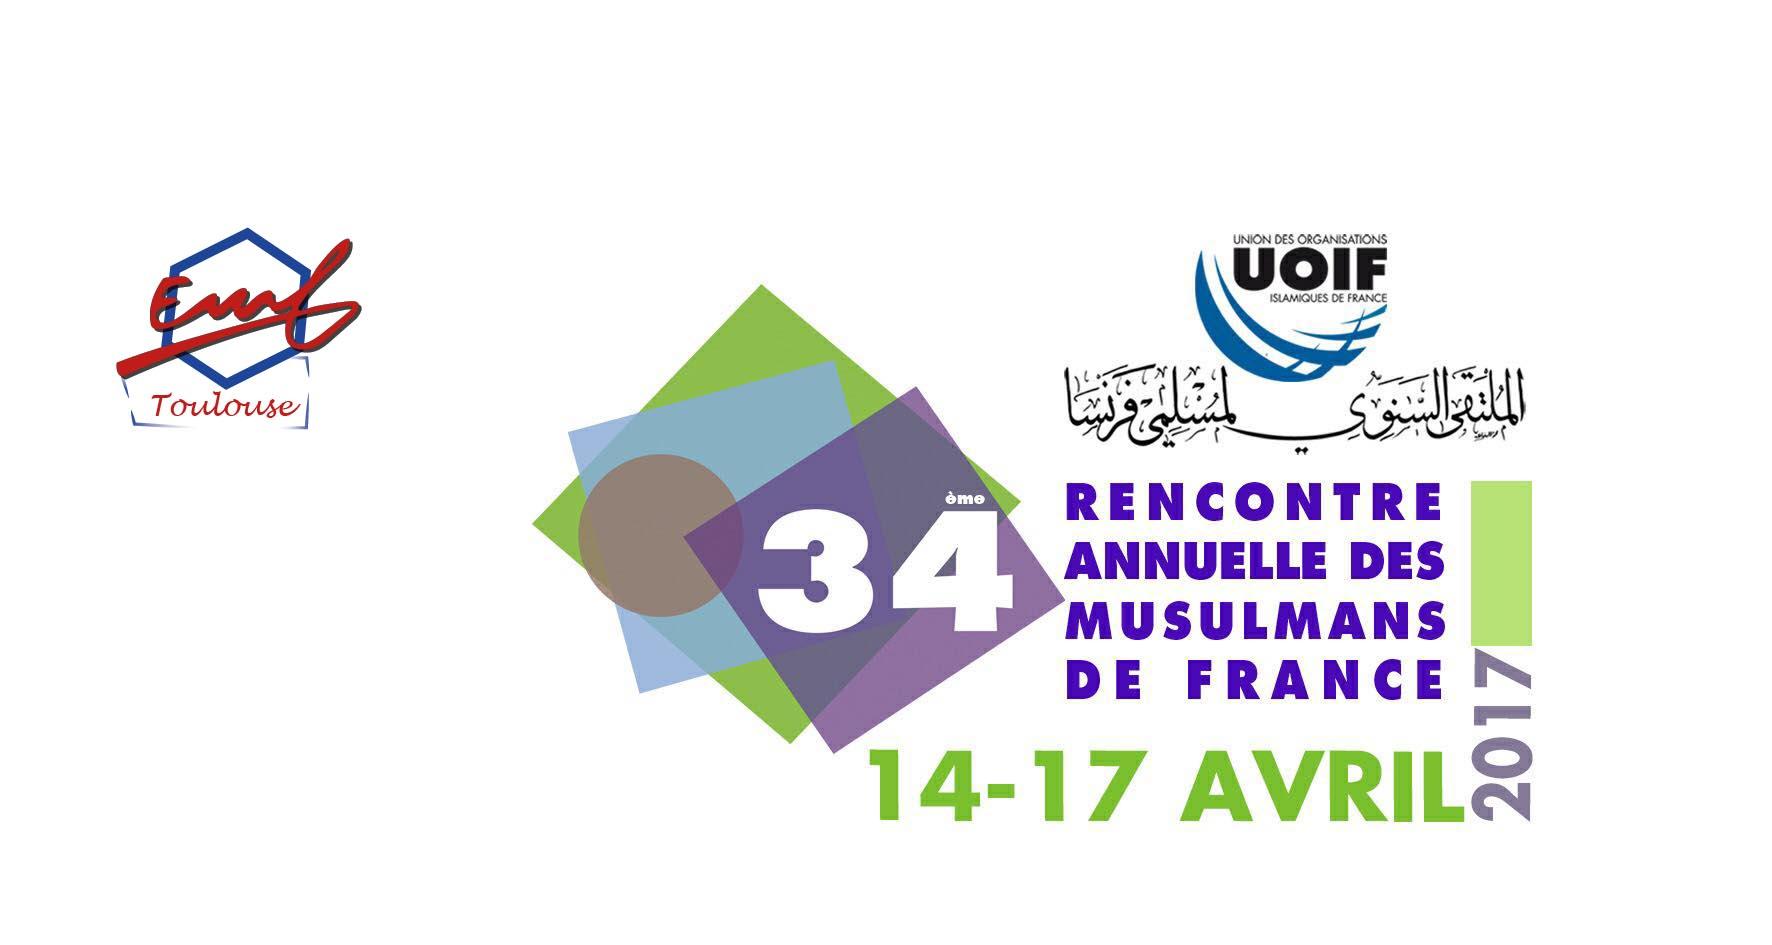 Rencontre annuelle des musulmans de france 2017 site de rencontre antillais eure rencontre sexe